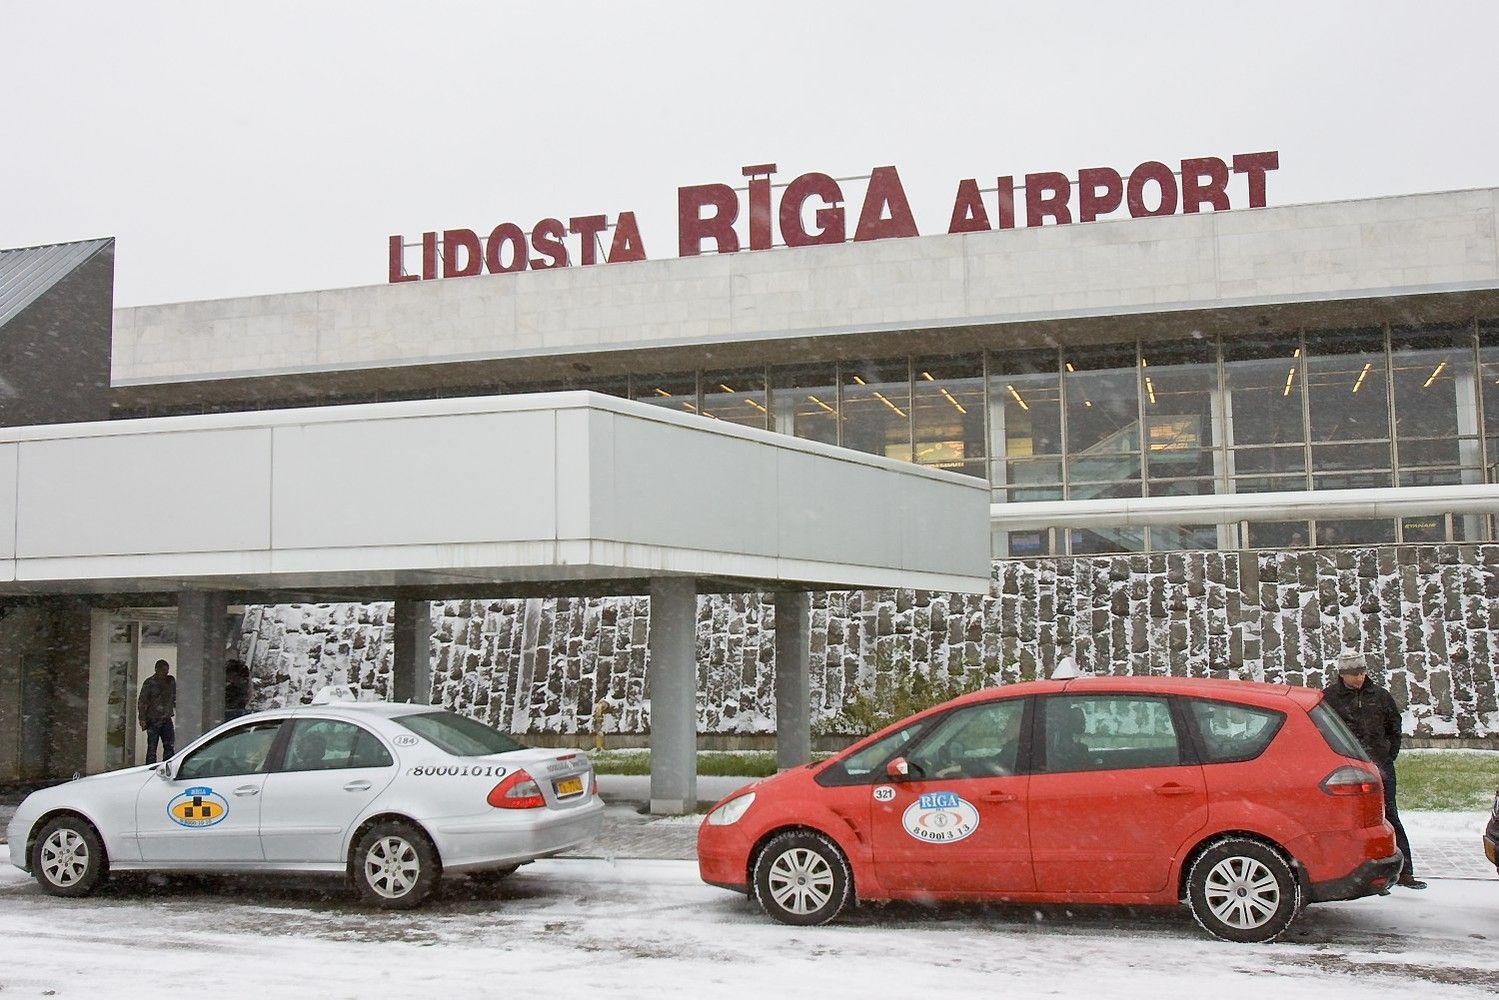 Vasarai iš Rygos oro uosto – 16-a naujų skrydžių krypčių